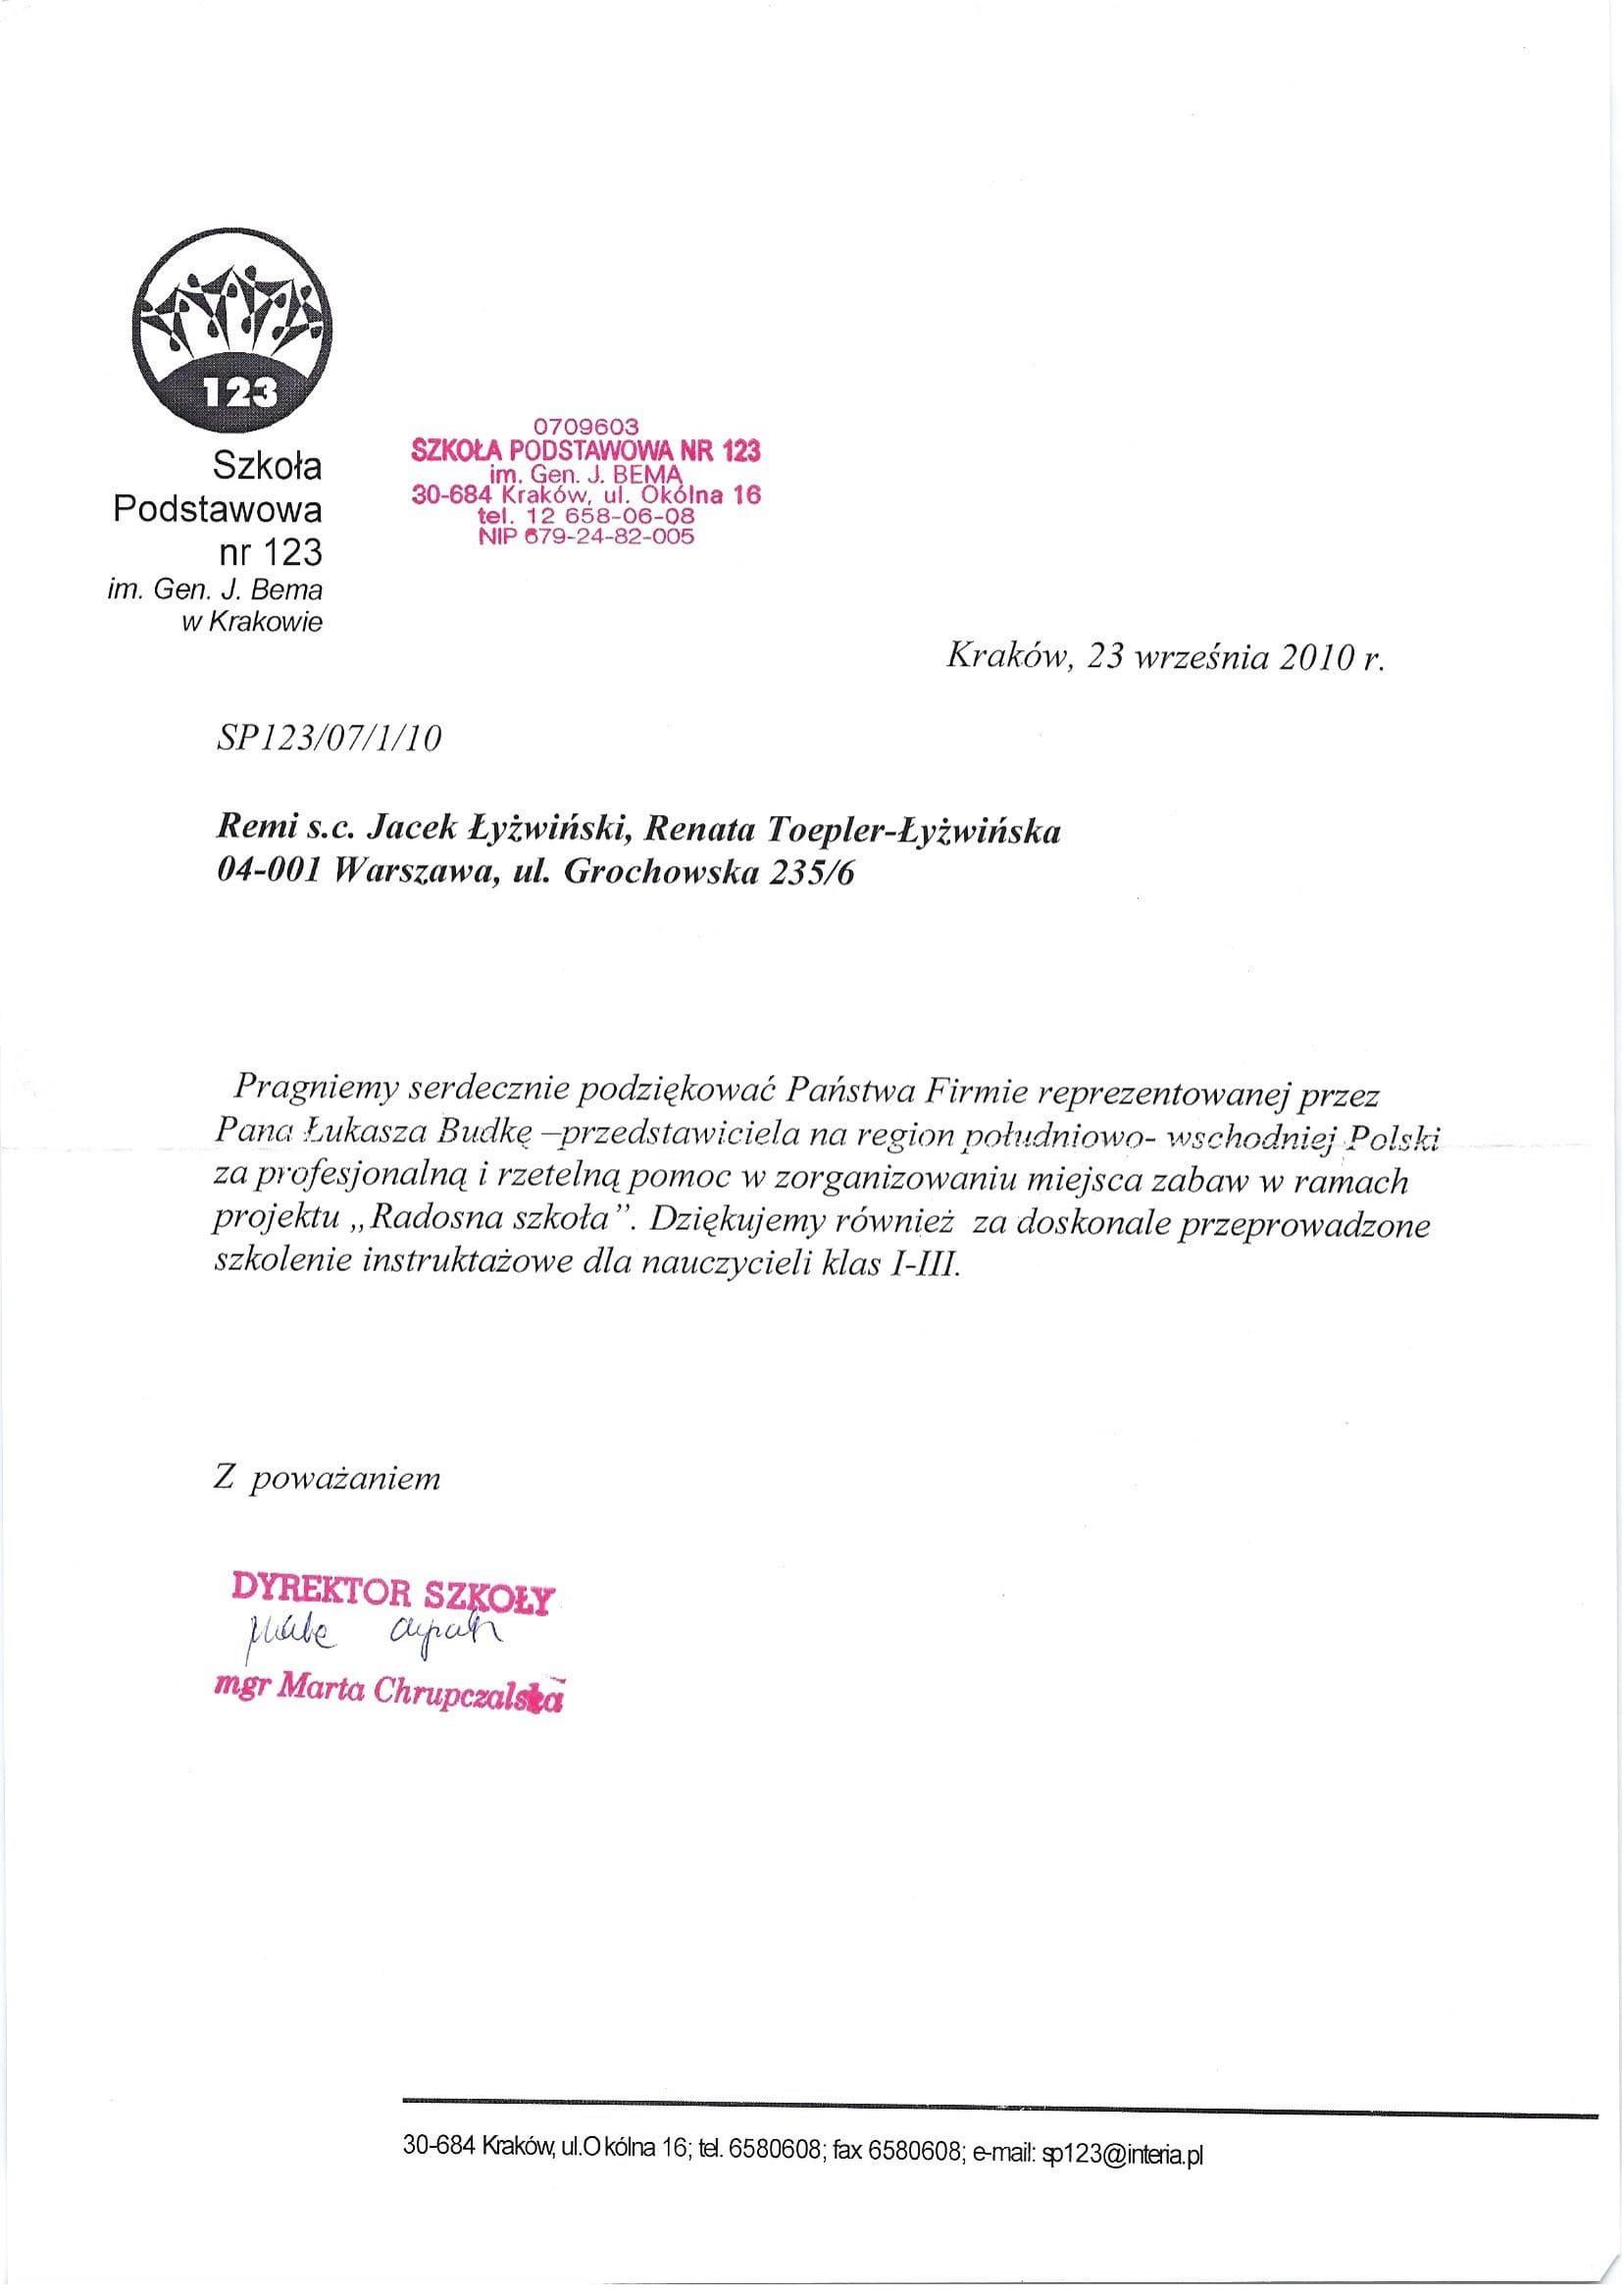 Radosna szkoła Kraków